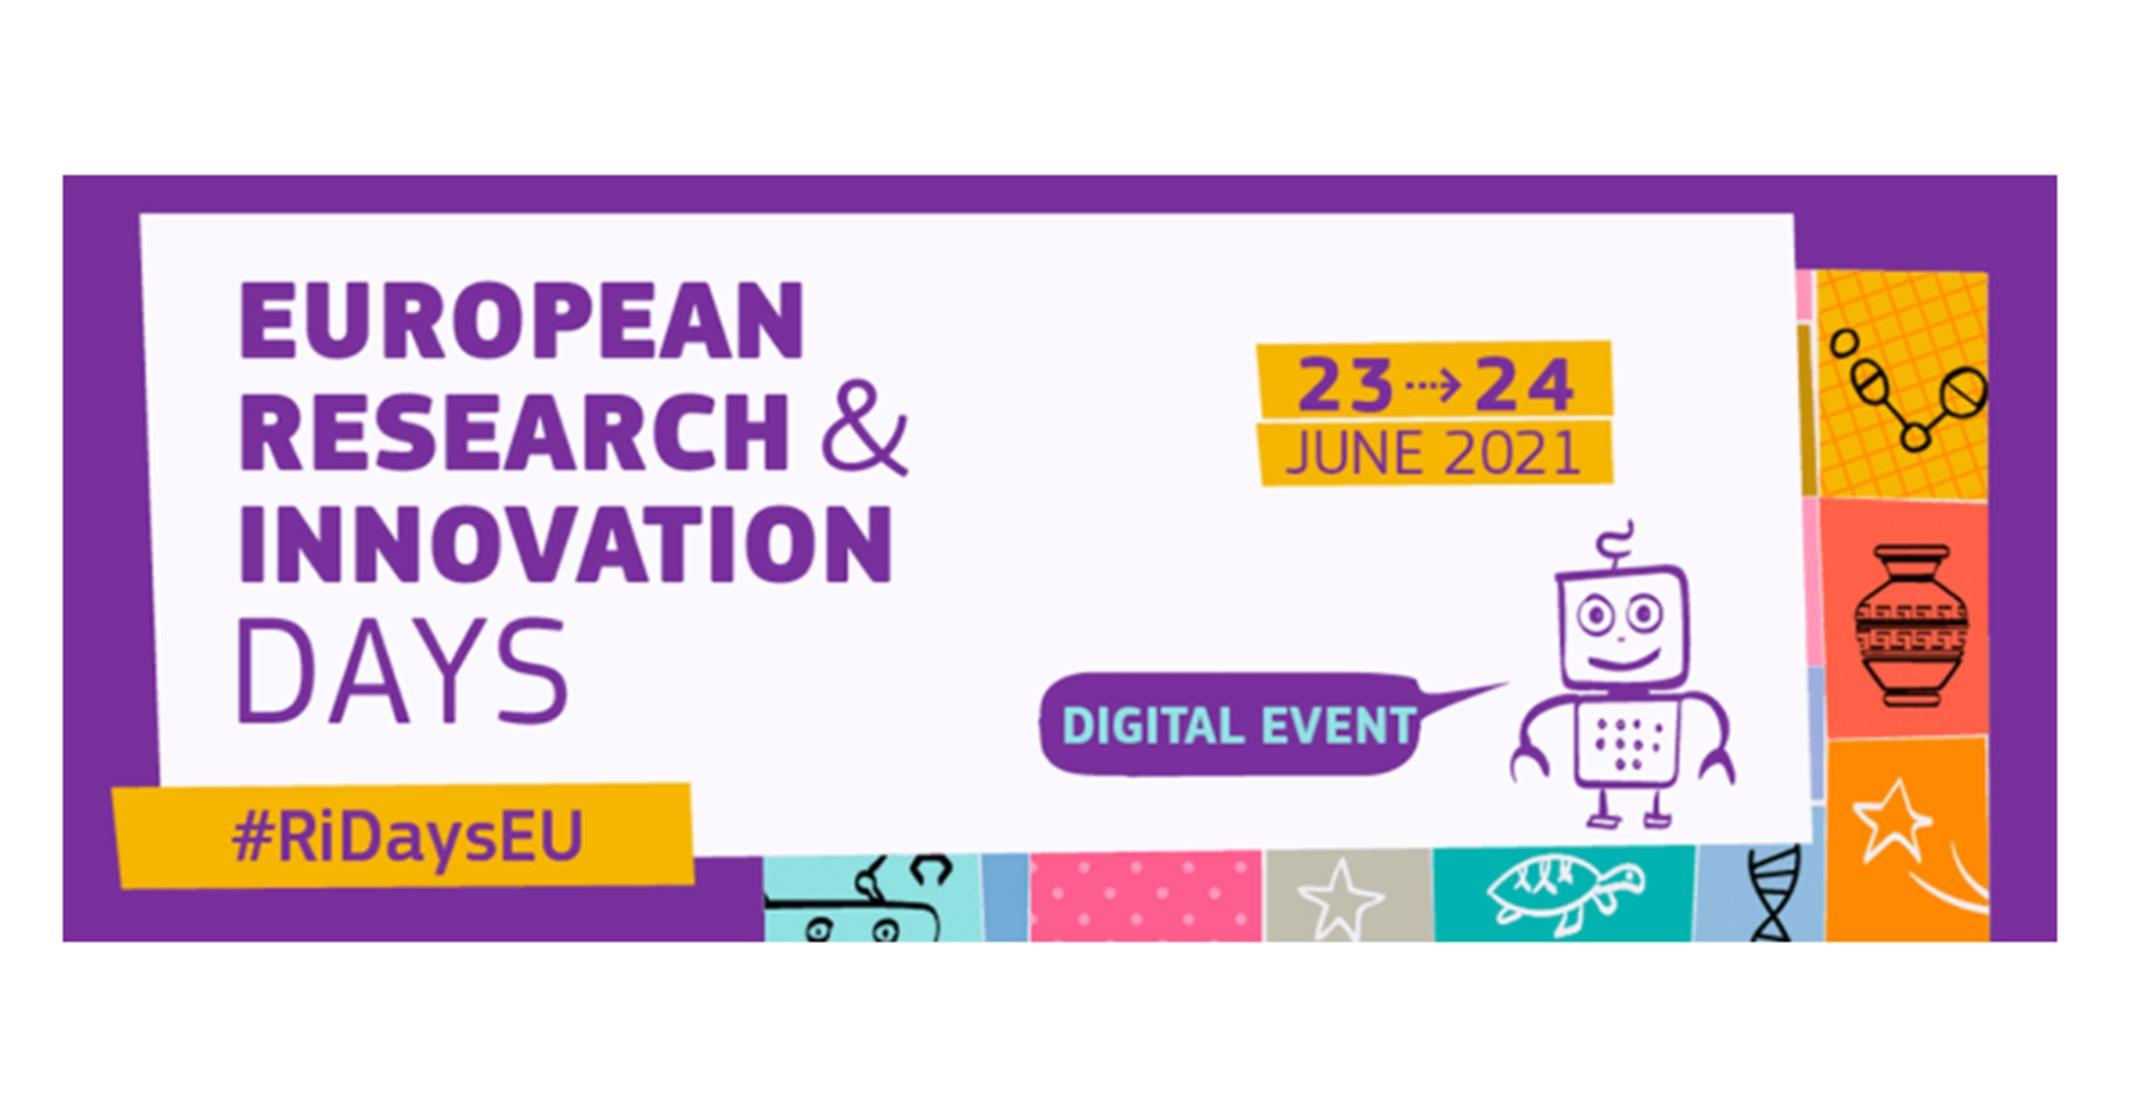 Dias Europeus de Investigação e Inovação